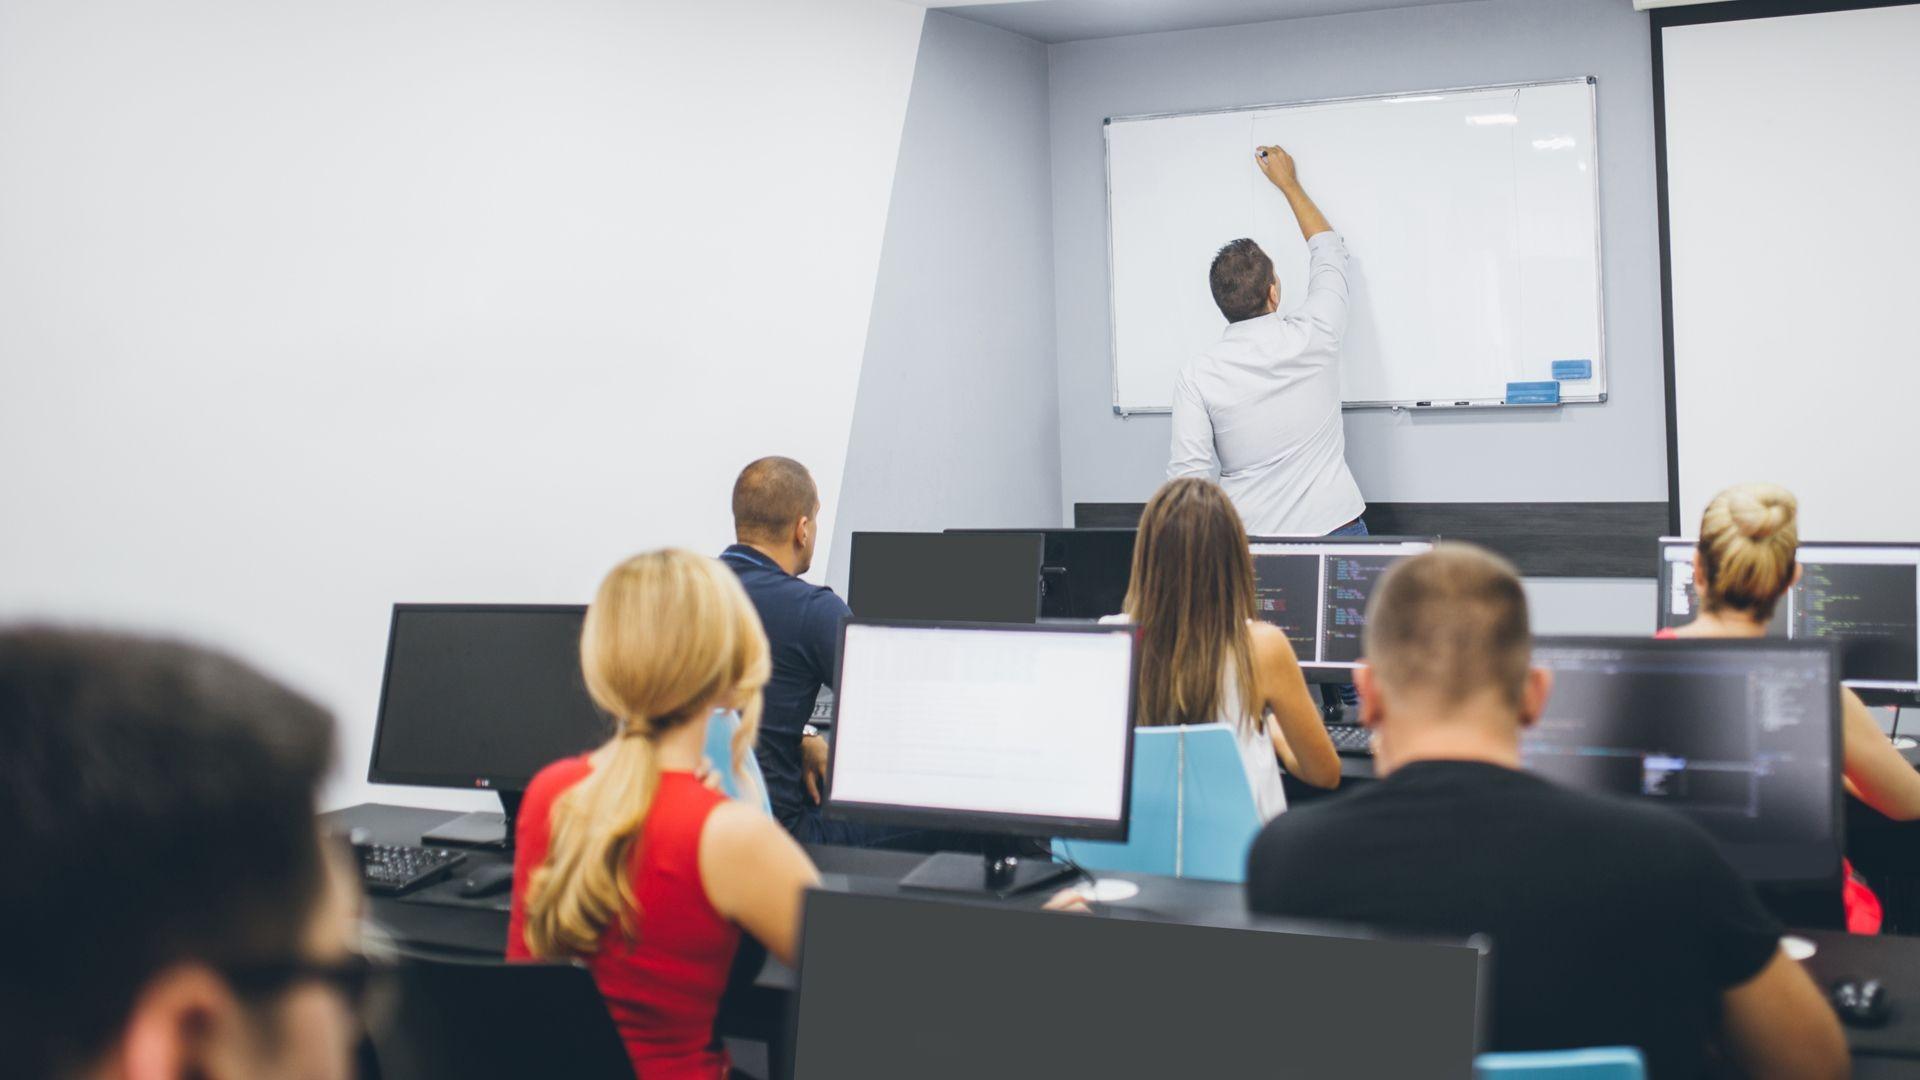 Centro de formación en Málaga